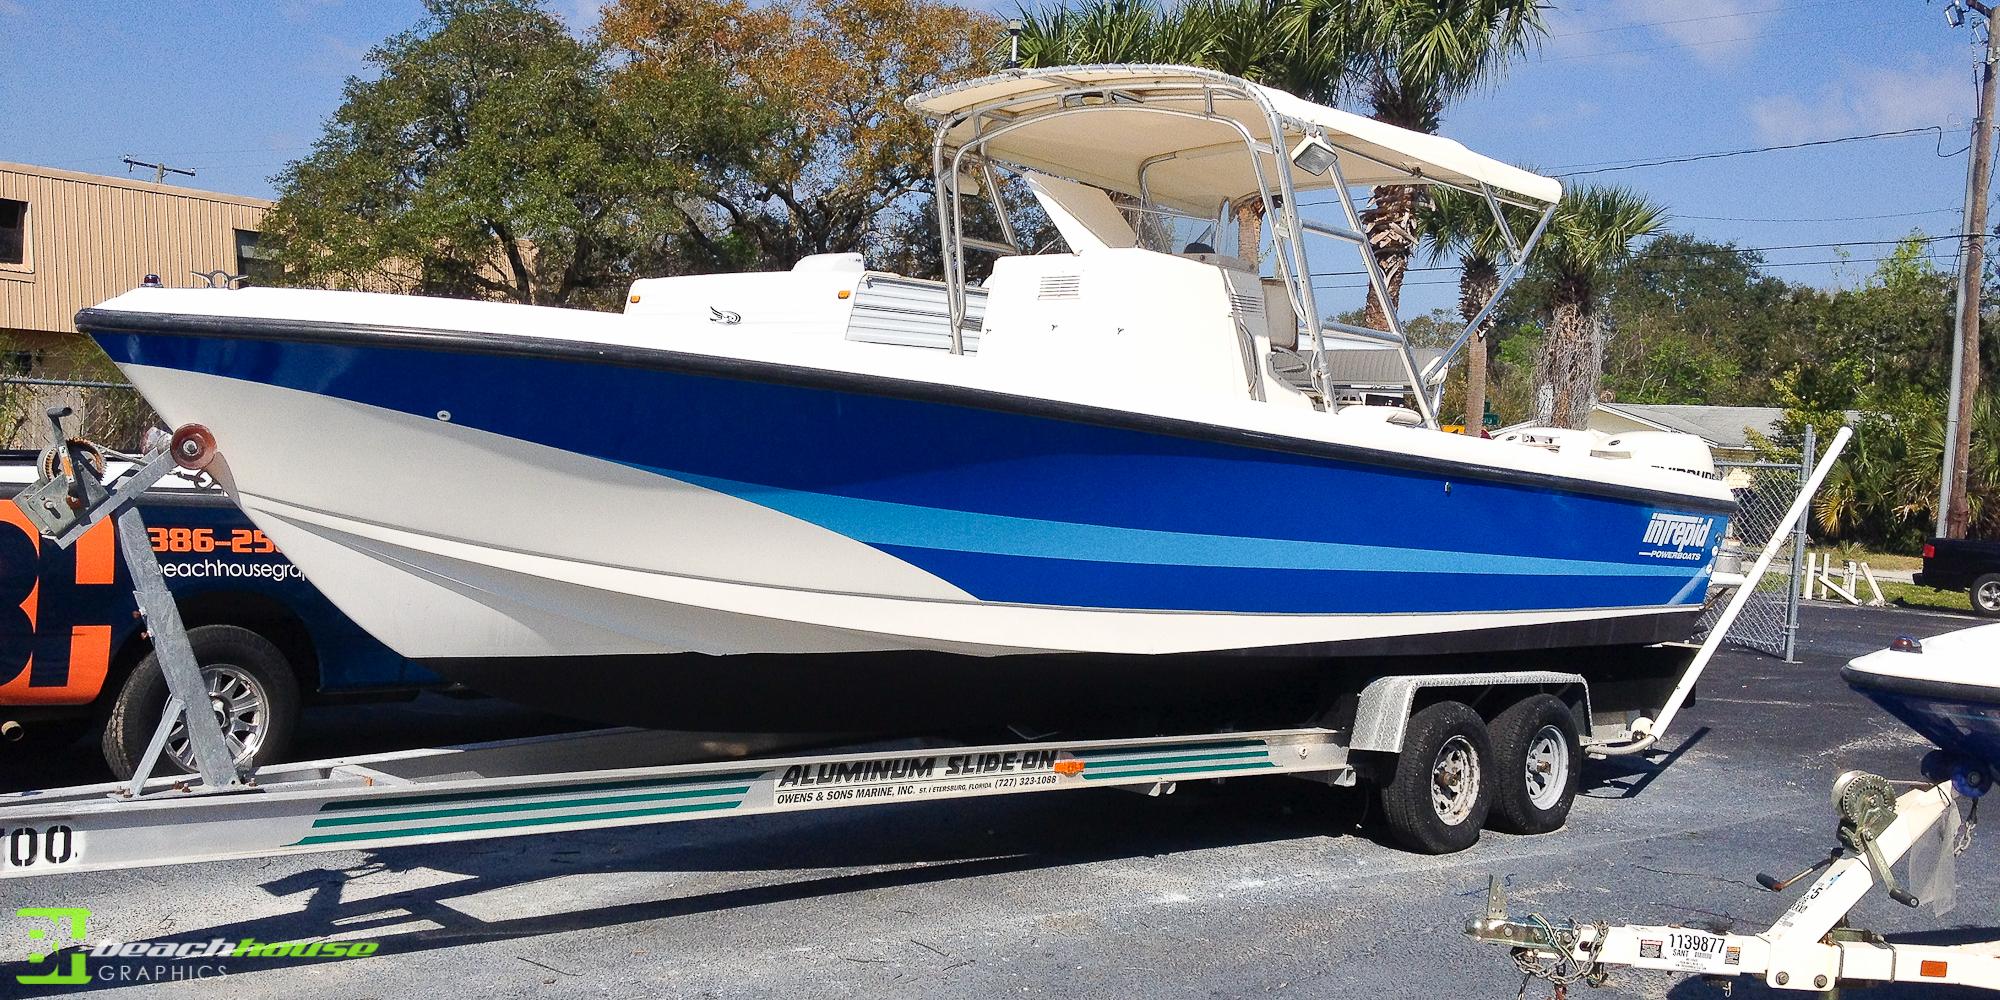 Vinyl Boat Decal Custom Vehicle Wraps